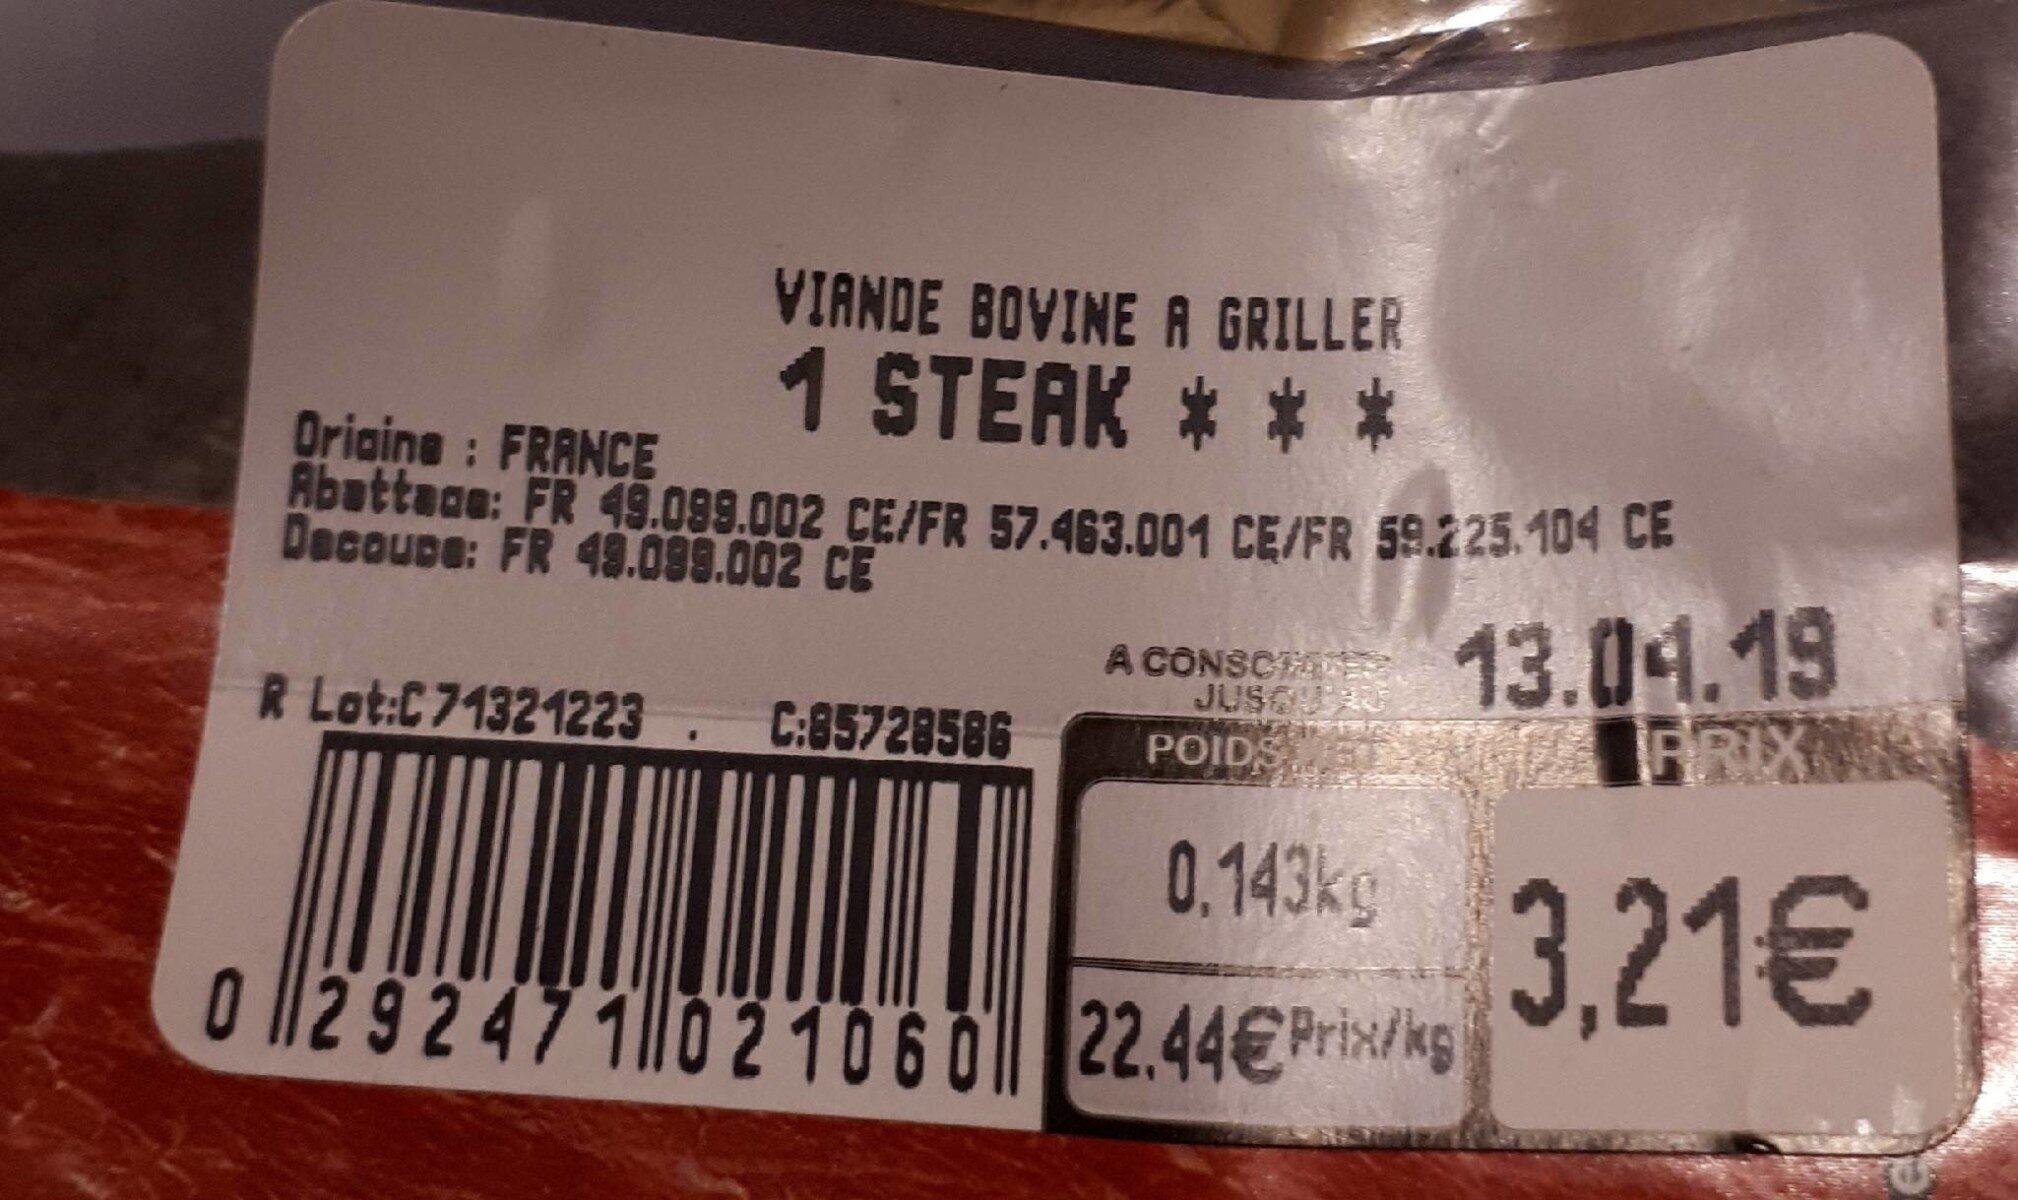 1 bifteck tendre & savoureux - Ingredients